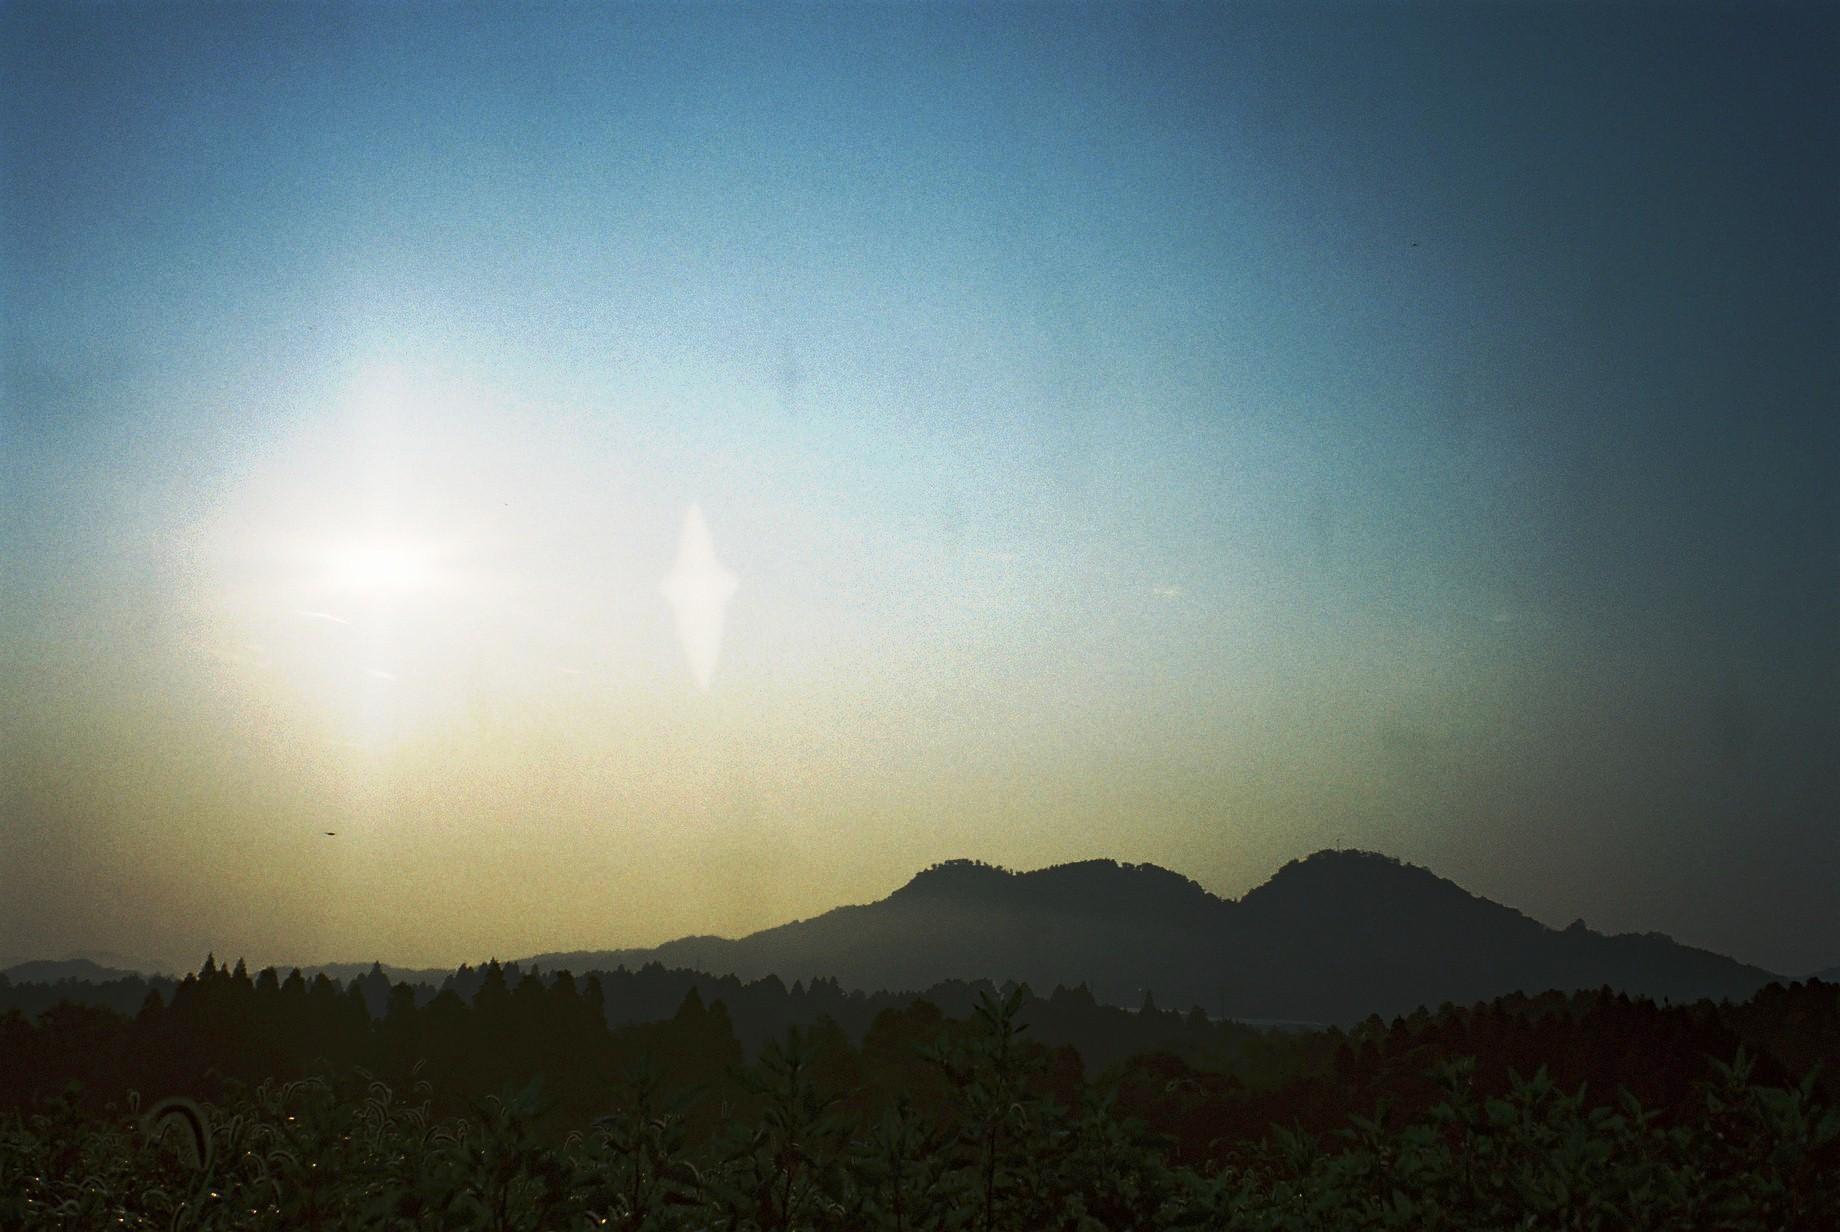 聖なるお山・・「白鹿山」から昇る朝陽_a0174458_14553858.jpg